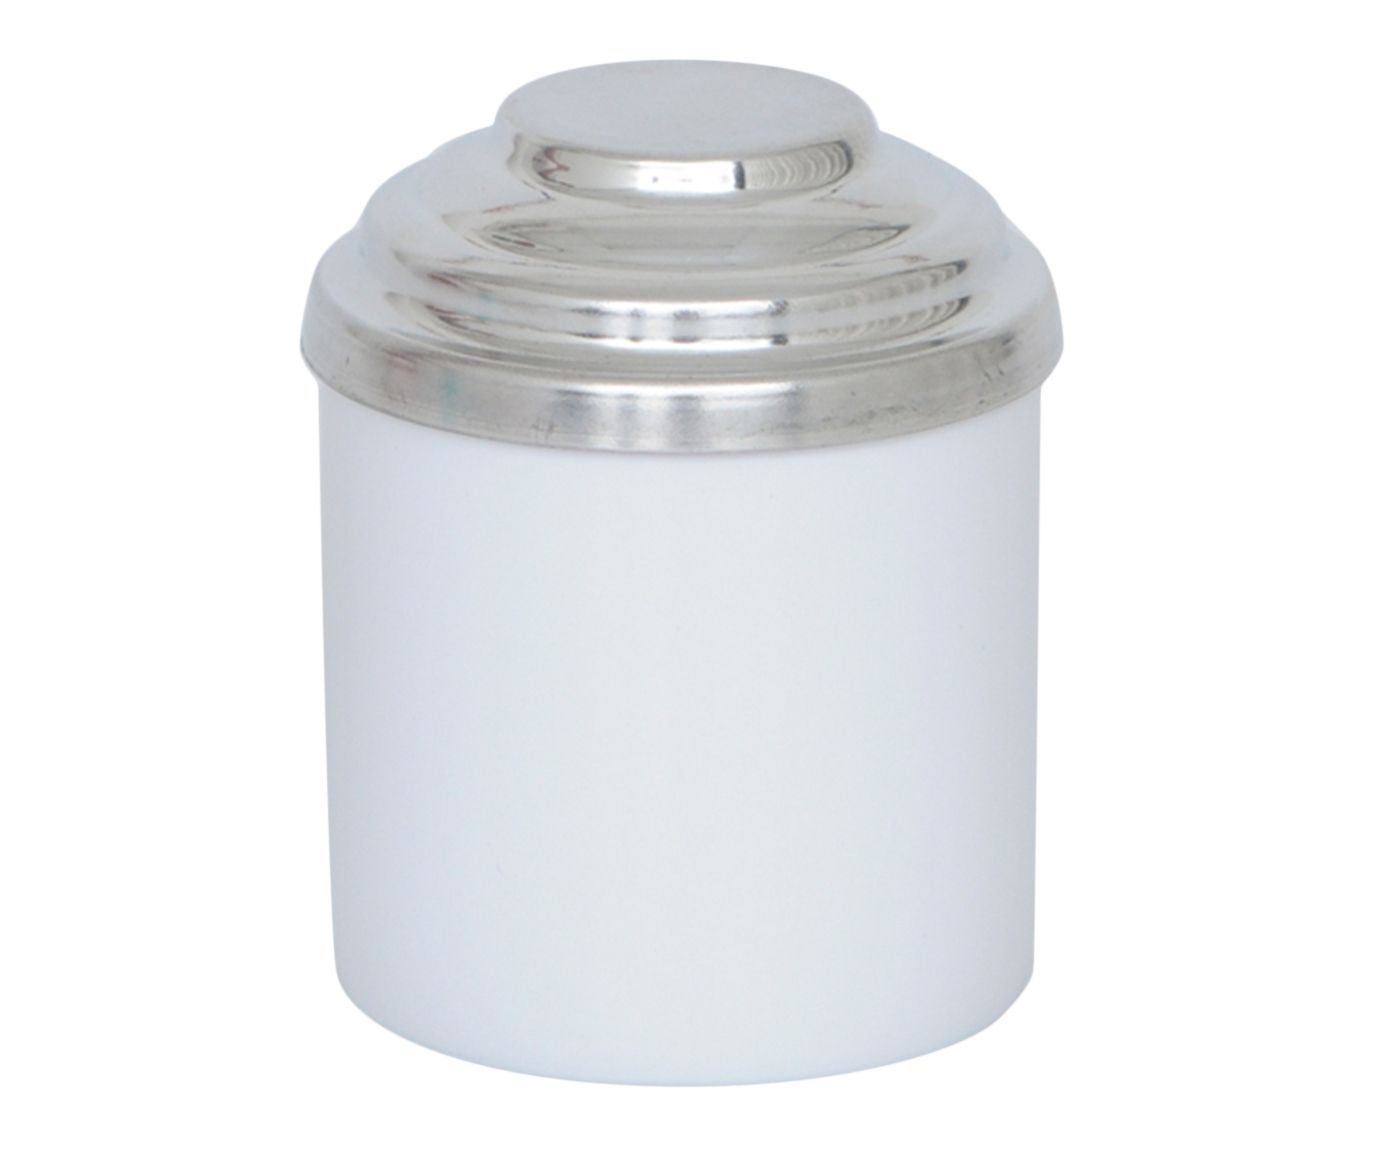 Porta-Condimentos Slim - Branco   Westwing.com.br